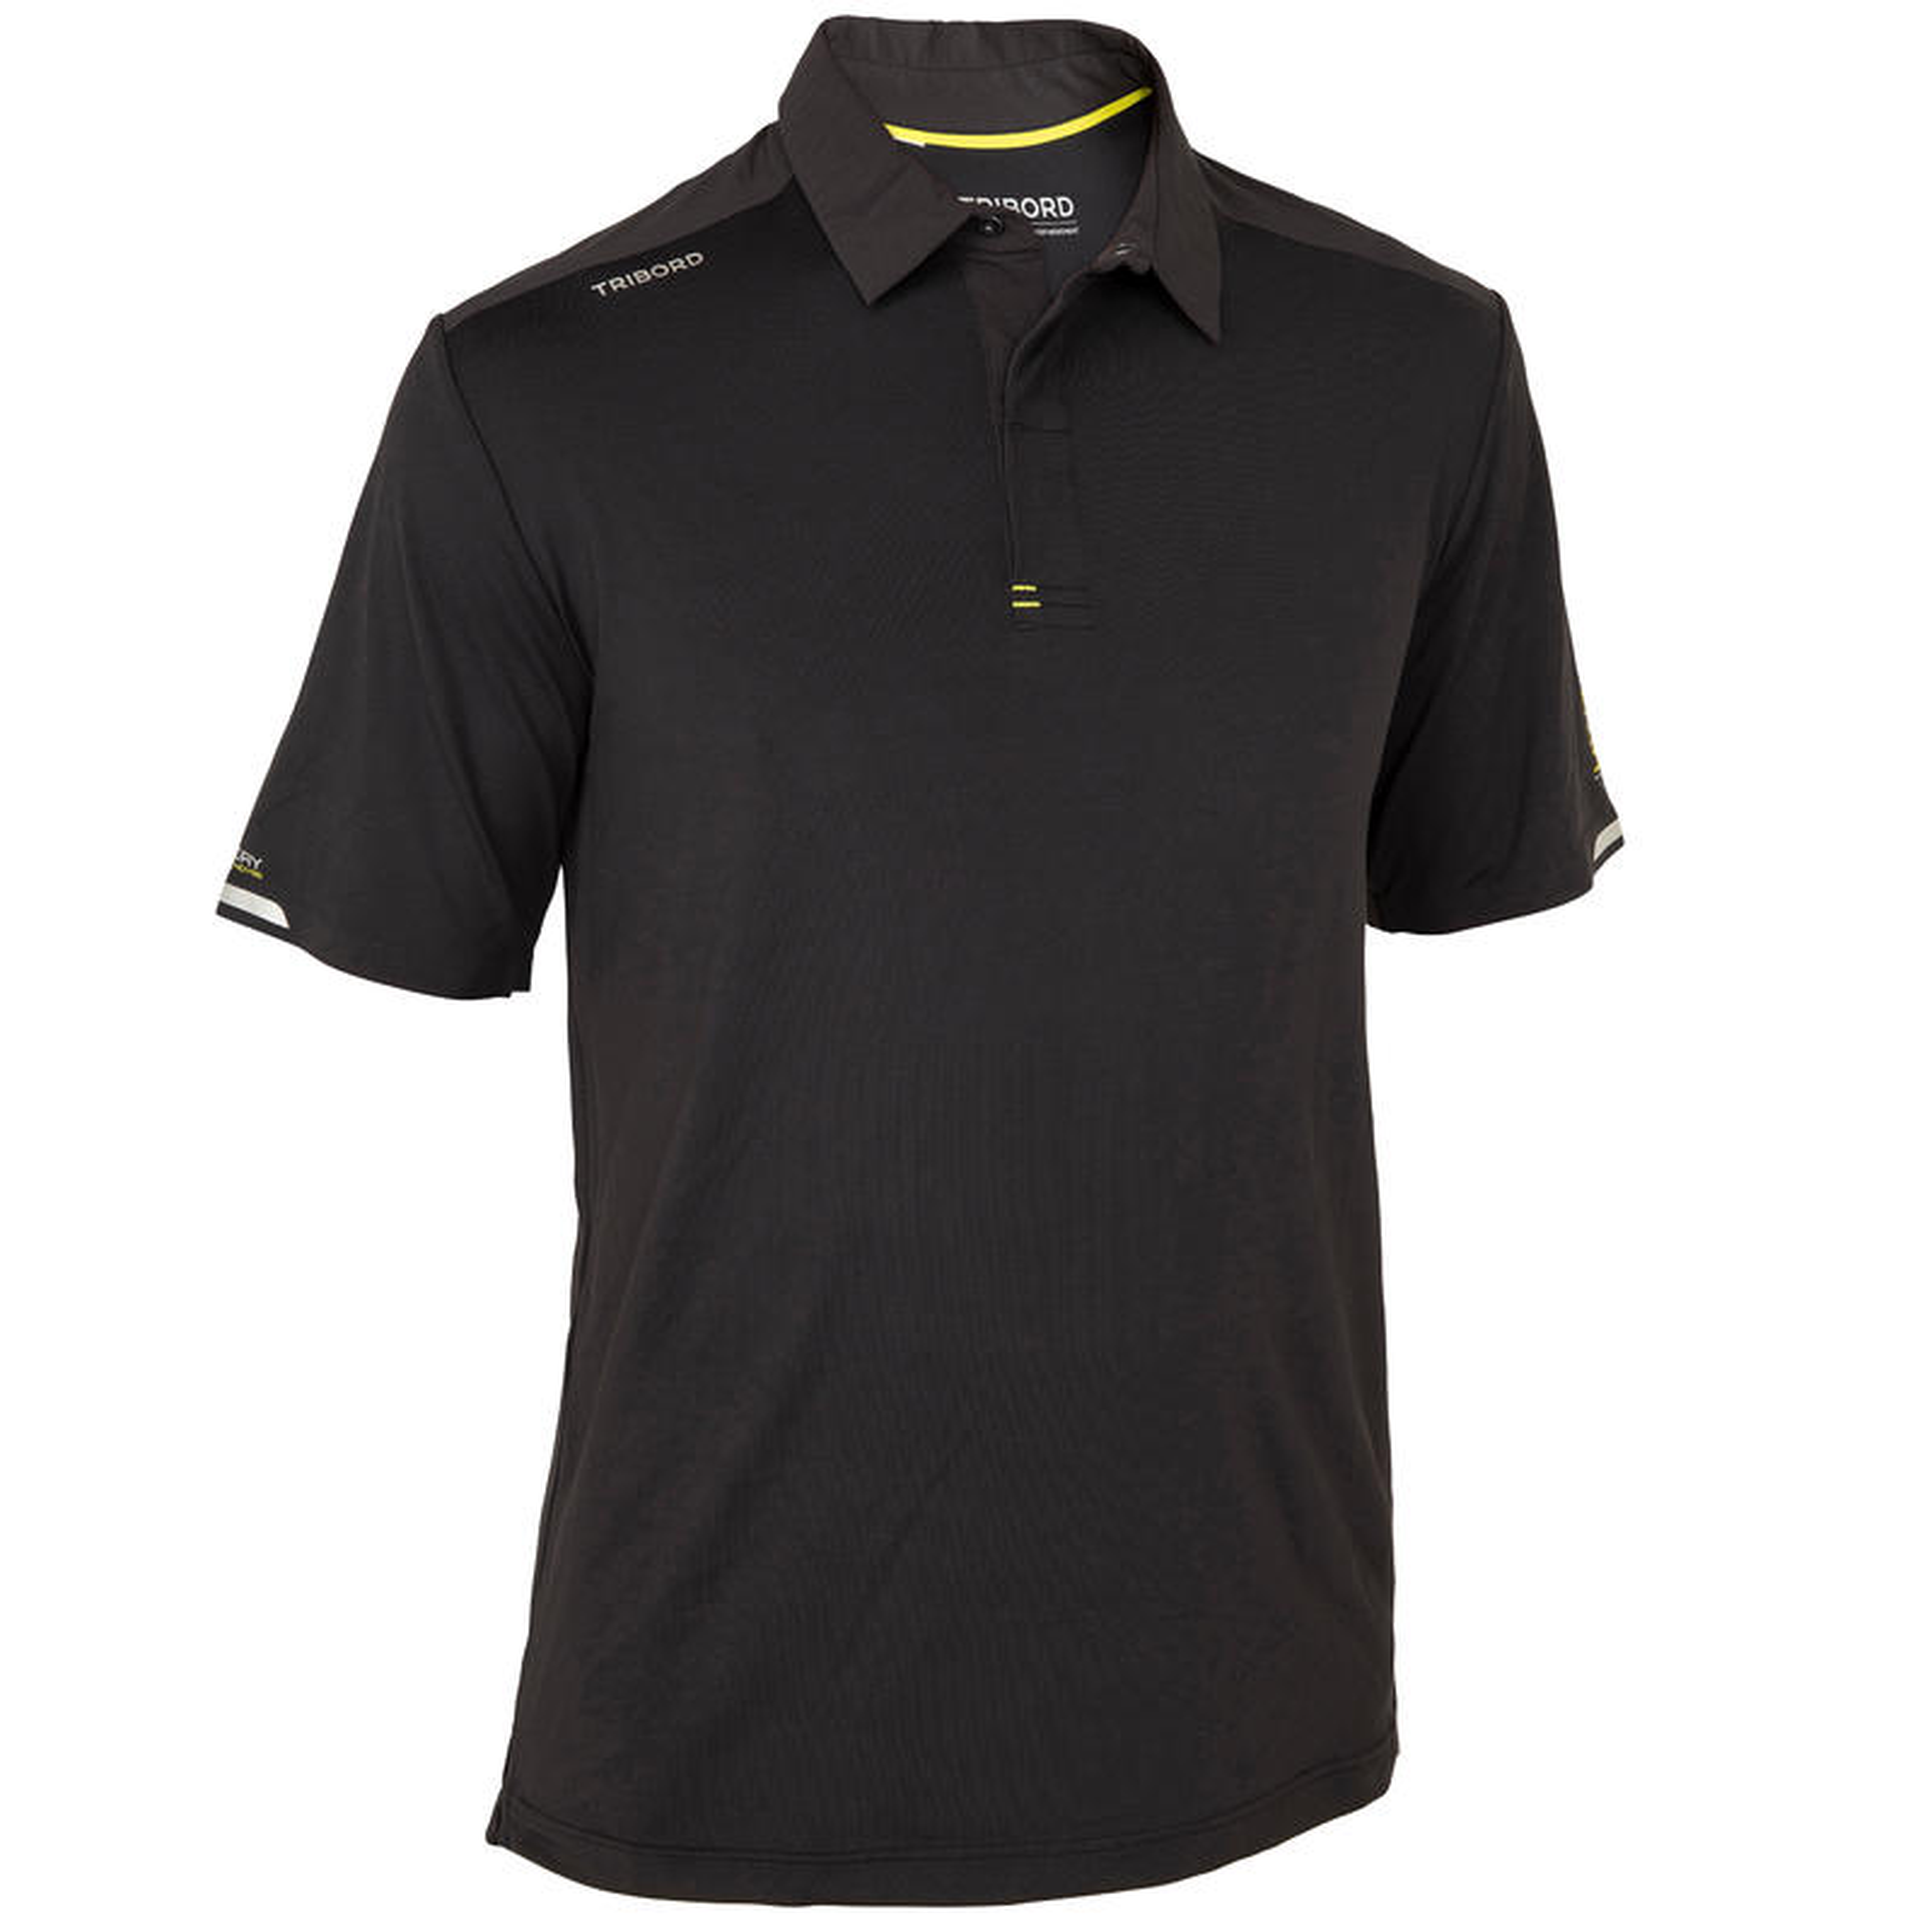 Men's short-sleeved...